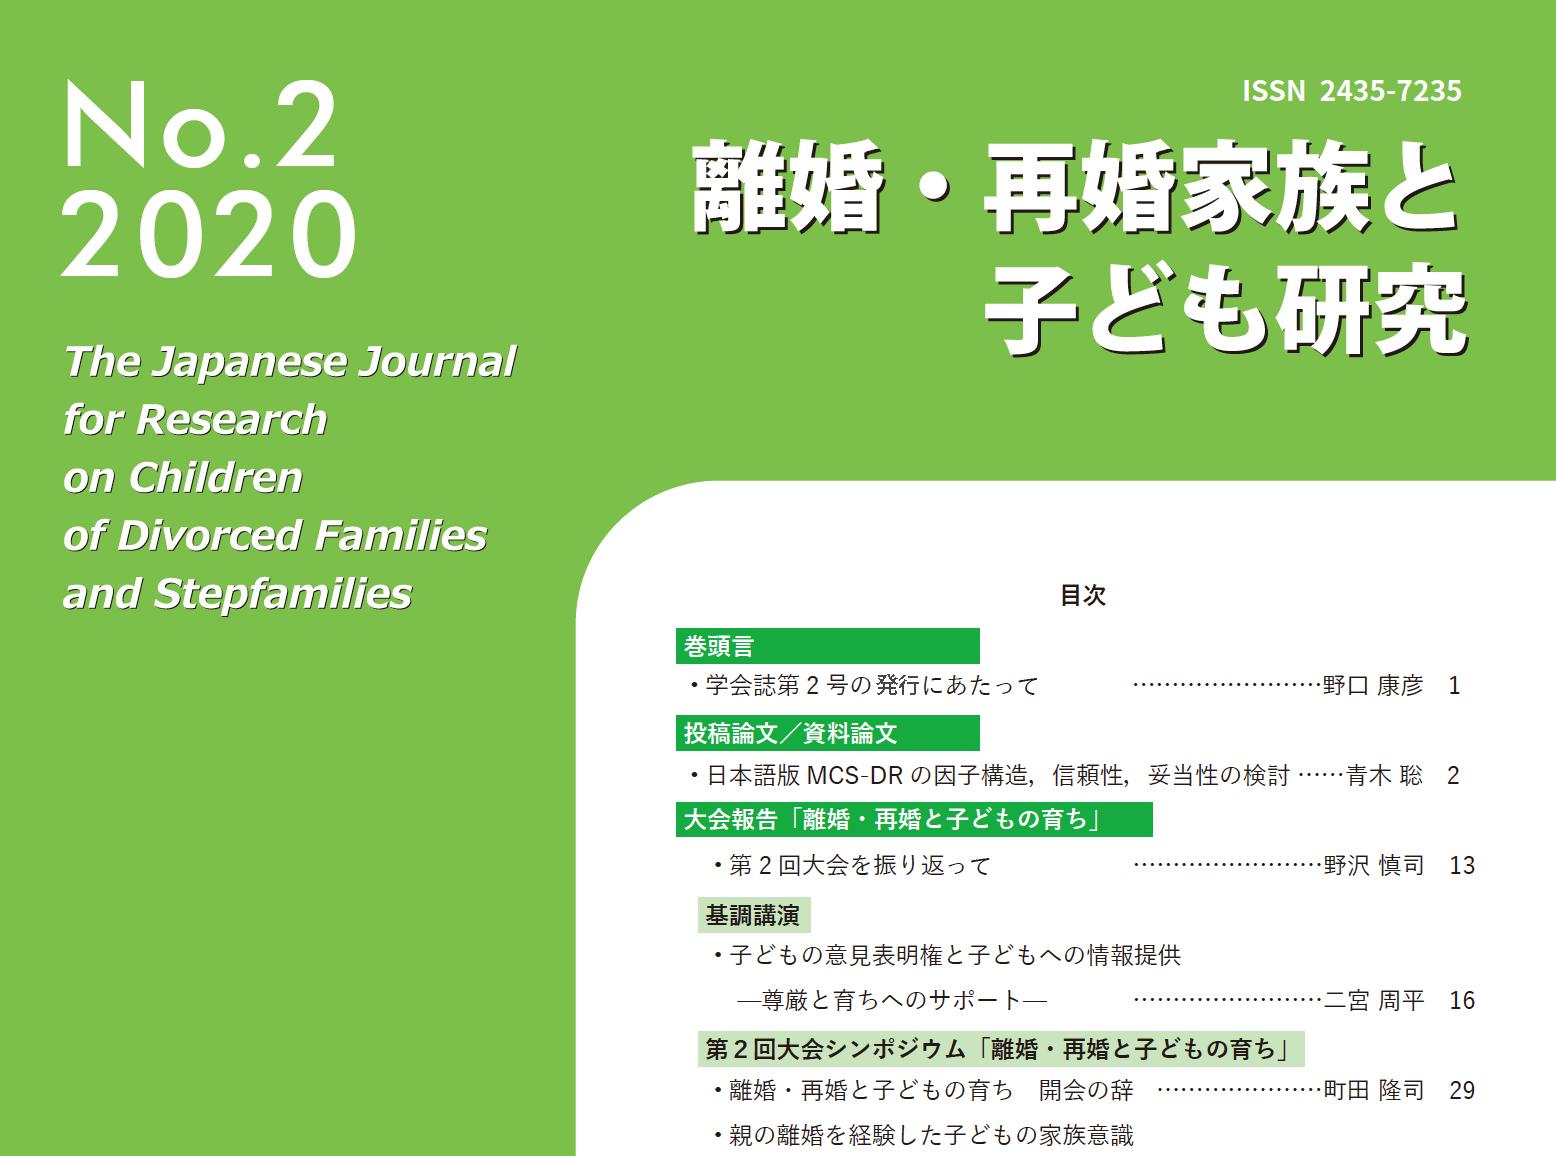 学会誌2号が発行されました  6/30